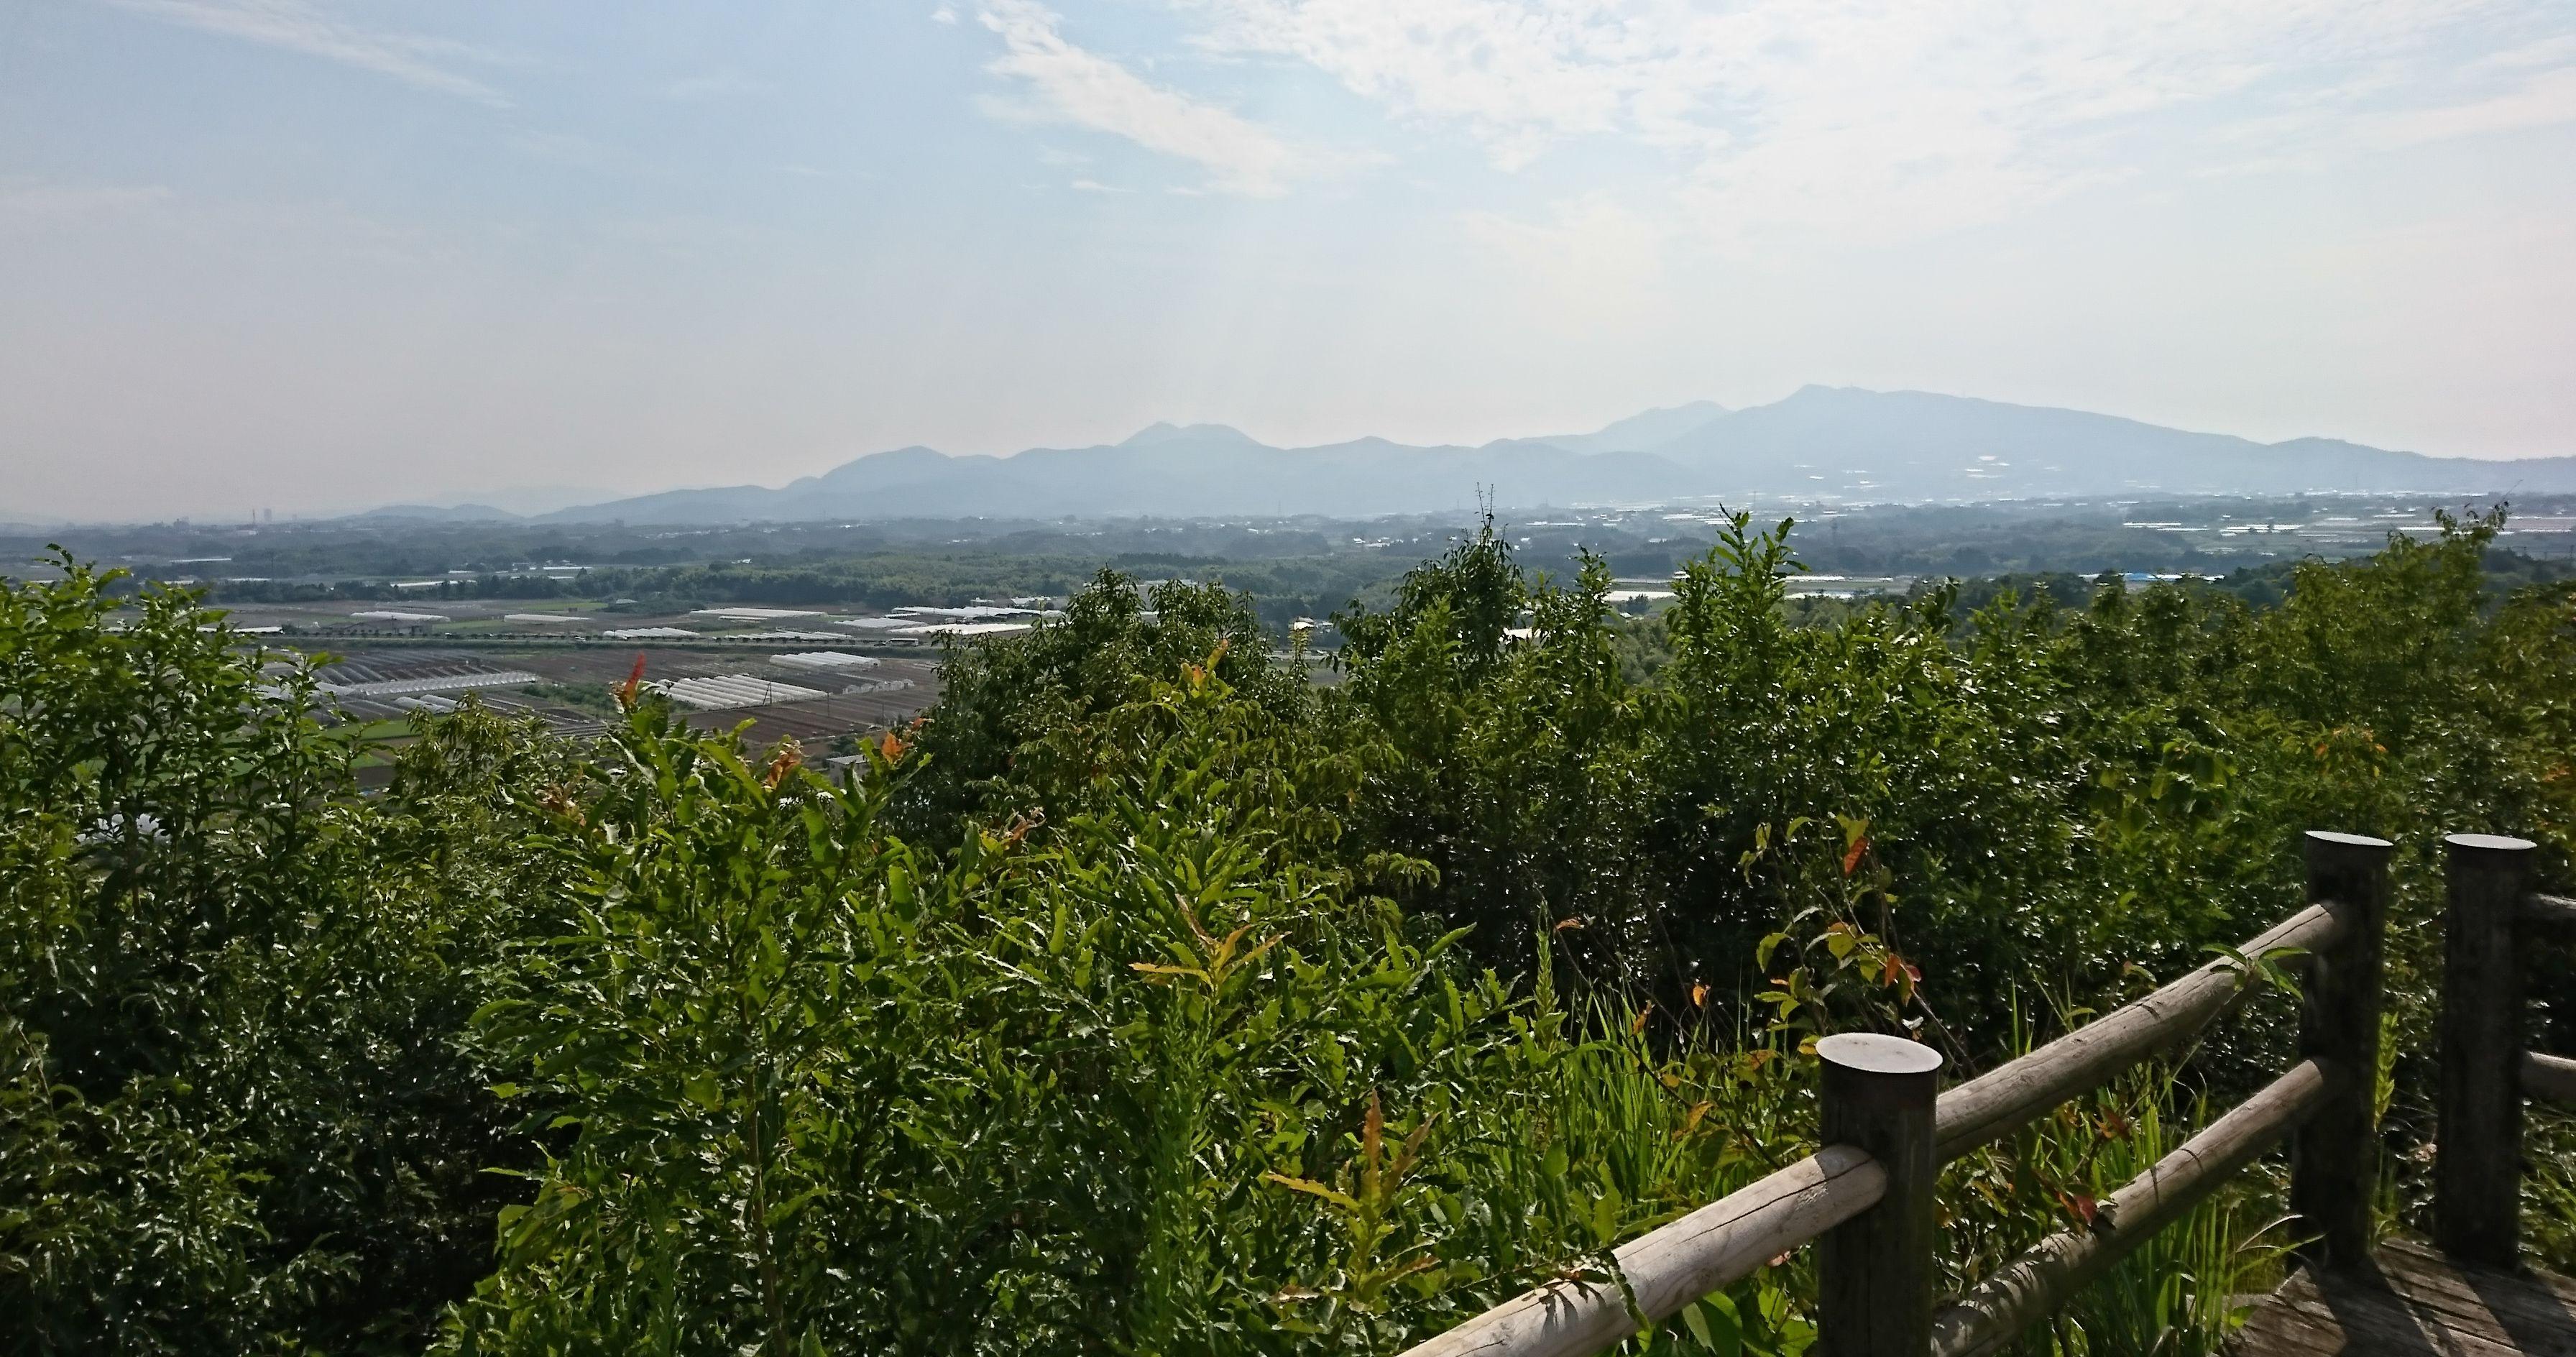 【弁天山公園】合志市、「新くまもと百景」に選定され熊本の山々が見渡せる公園